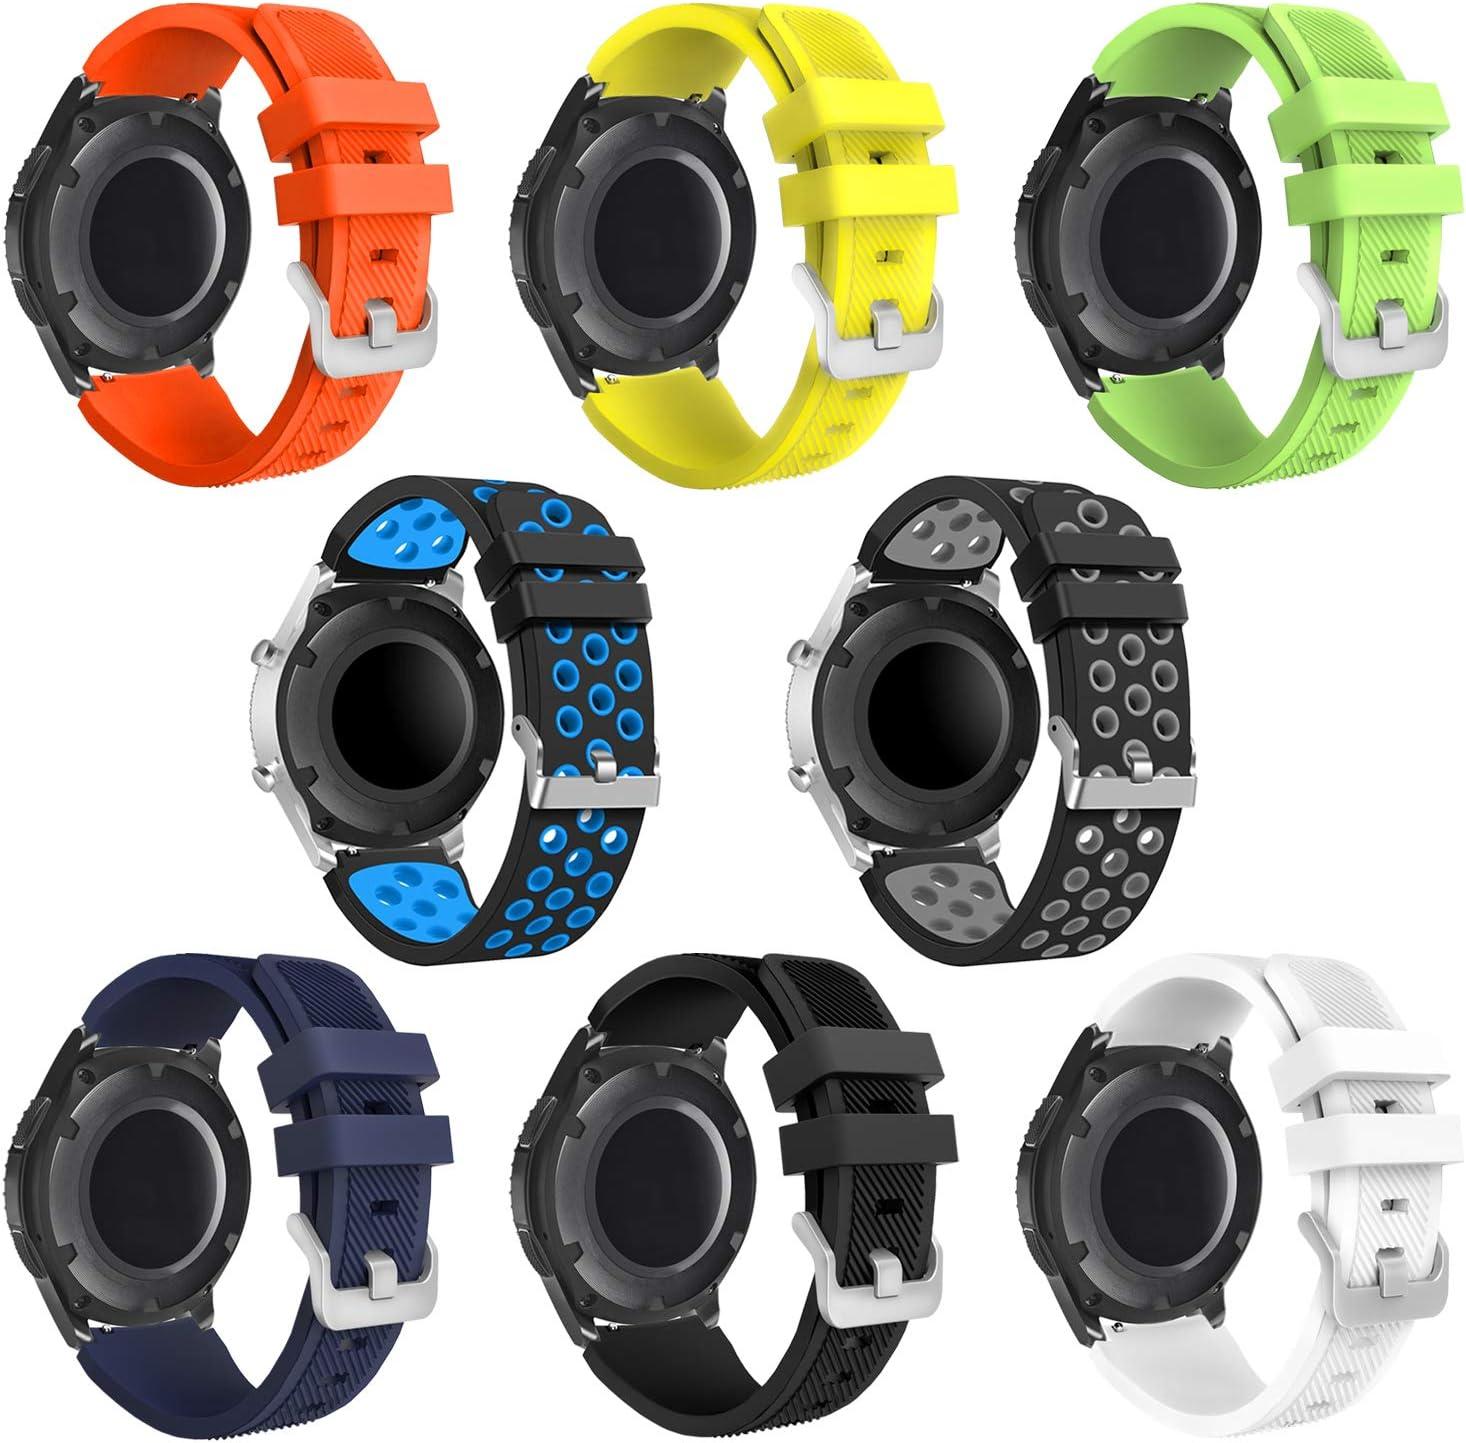 kytuwy Compatible con Correa de Reloj Gear Watch 3 45mm, Correa de Silicona Suave 20mm Deportiva Pulsera de Repuesto para Galaxy Watch 46mm/Gear S3 Frontier/S3 Classic Smart Watch. (8 Pack)